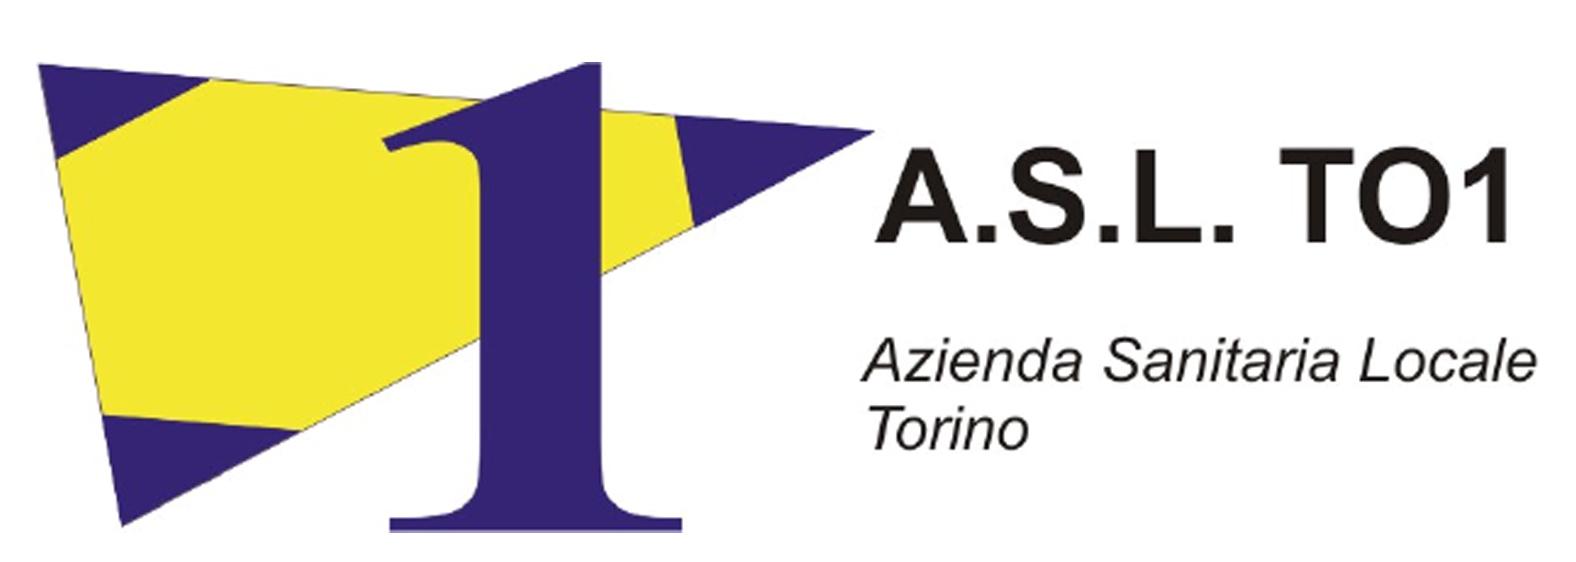 Logo ASLTO1